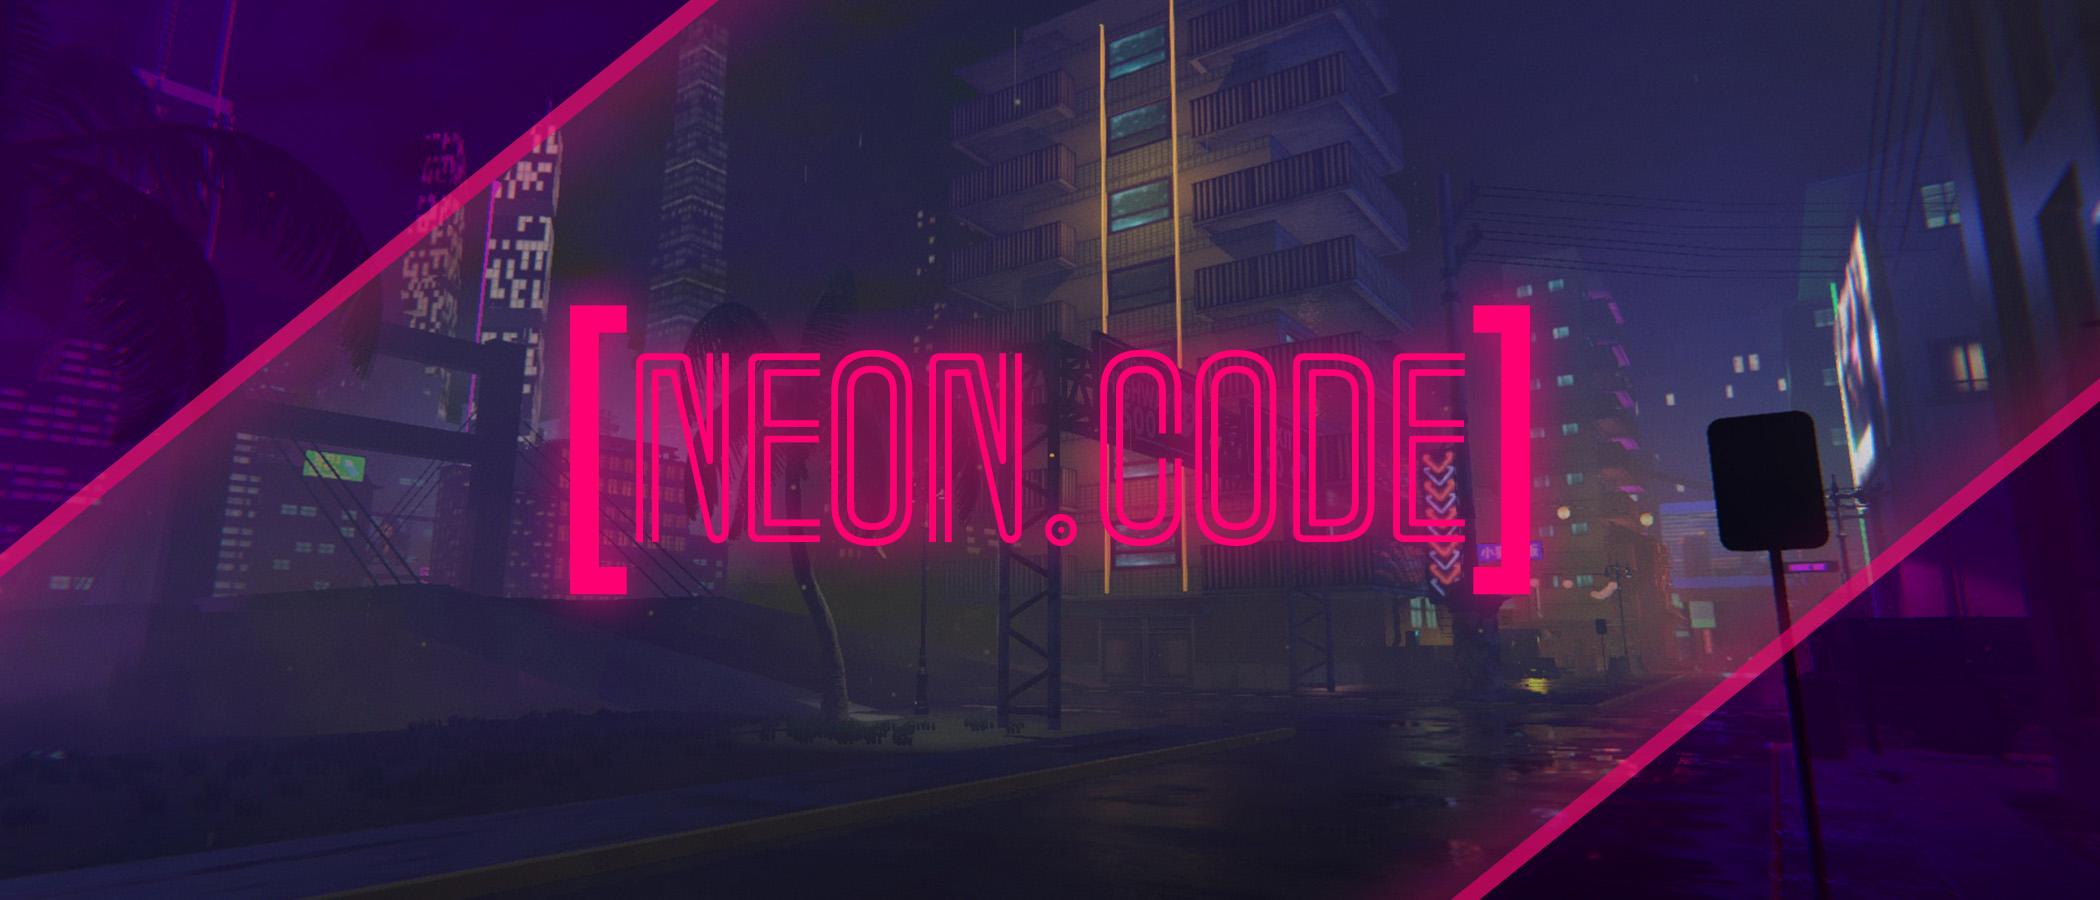 21_9_neon.jpg